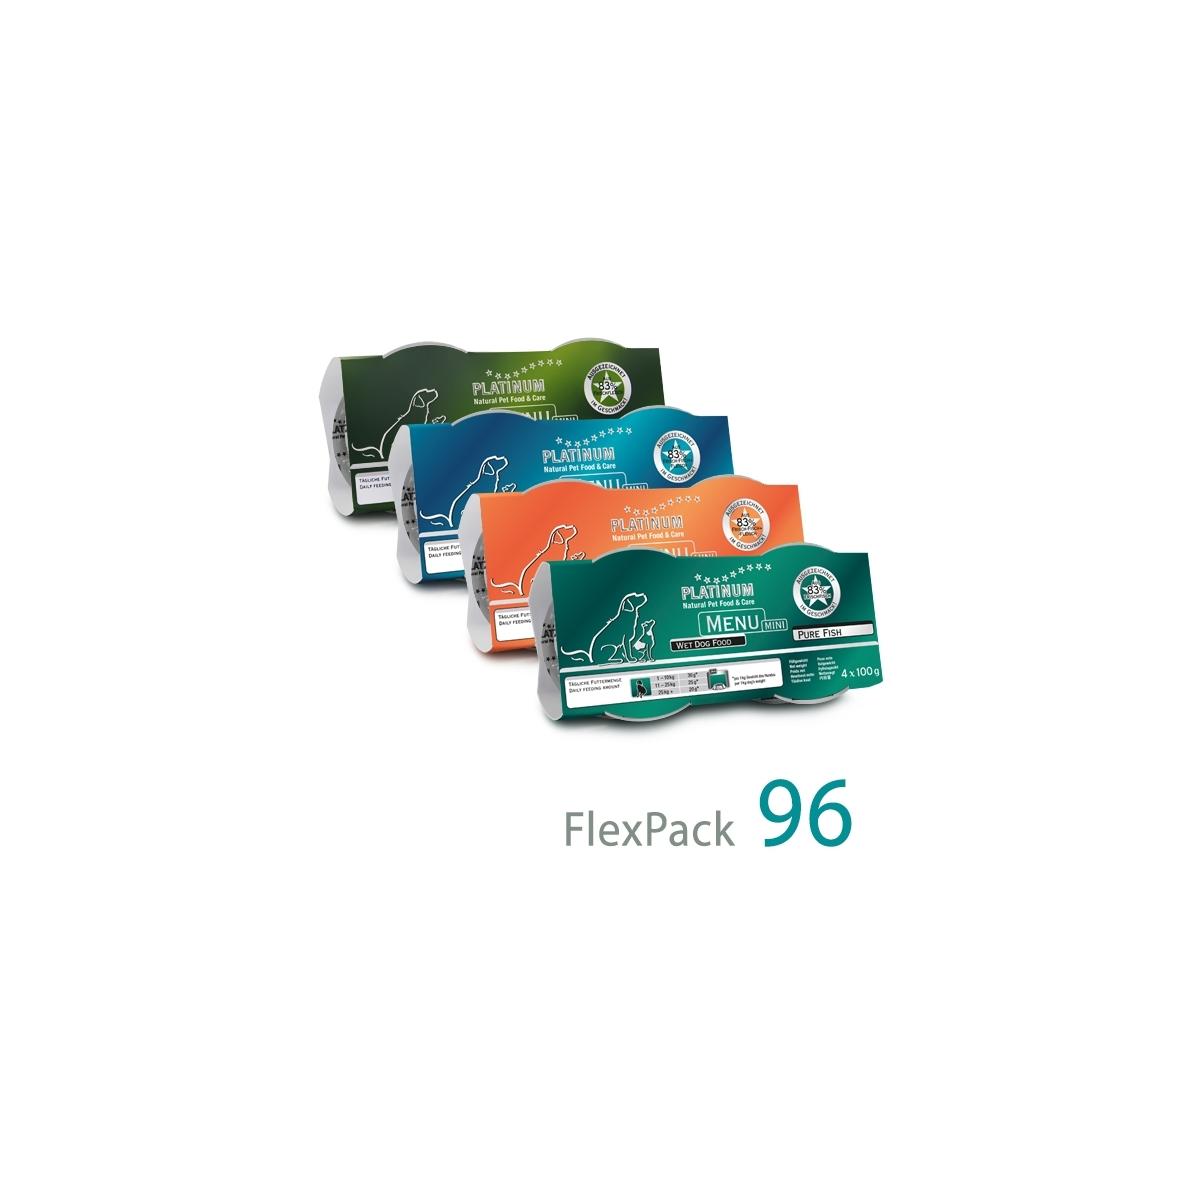 MENU Mini FlexPack 96